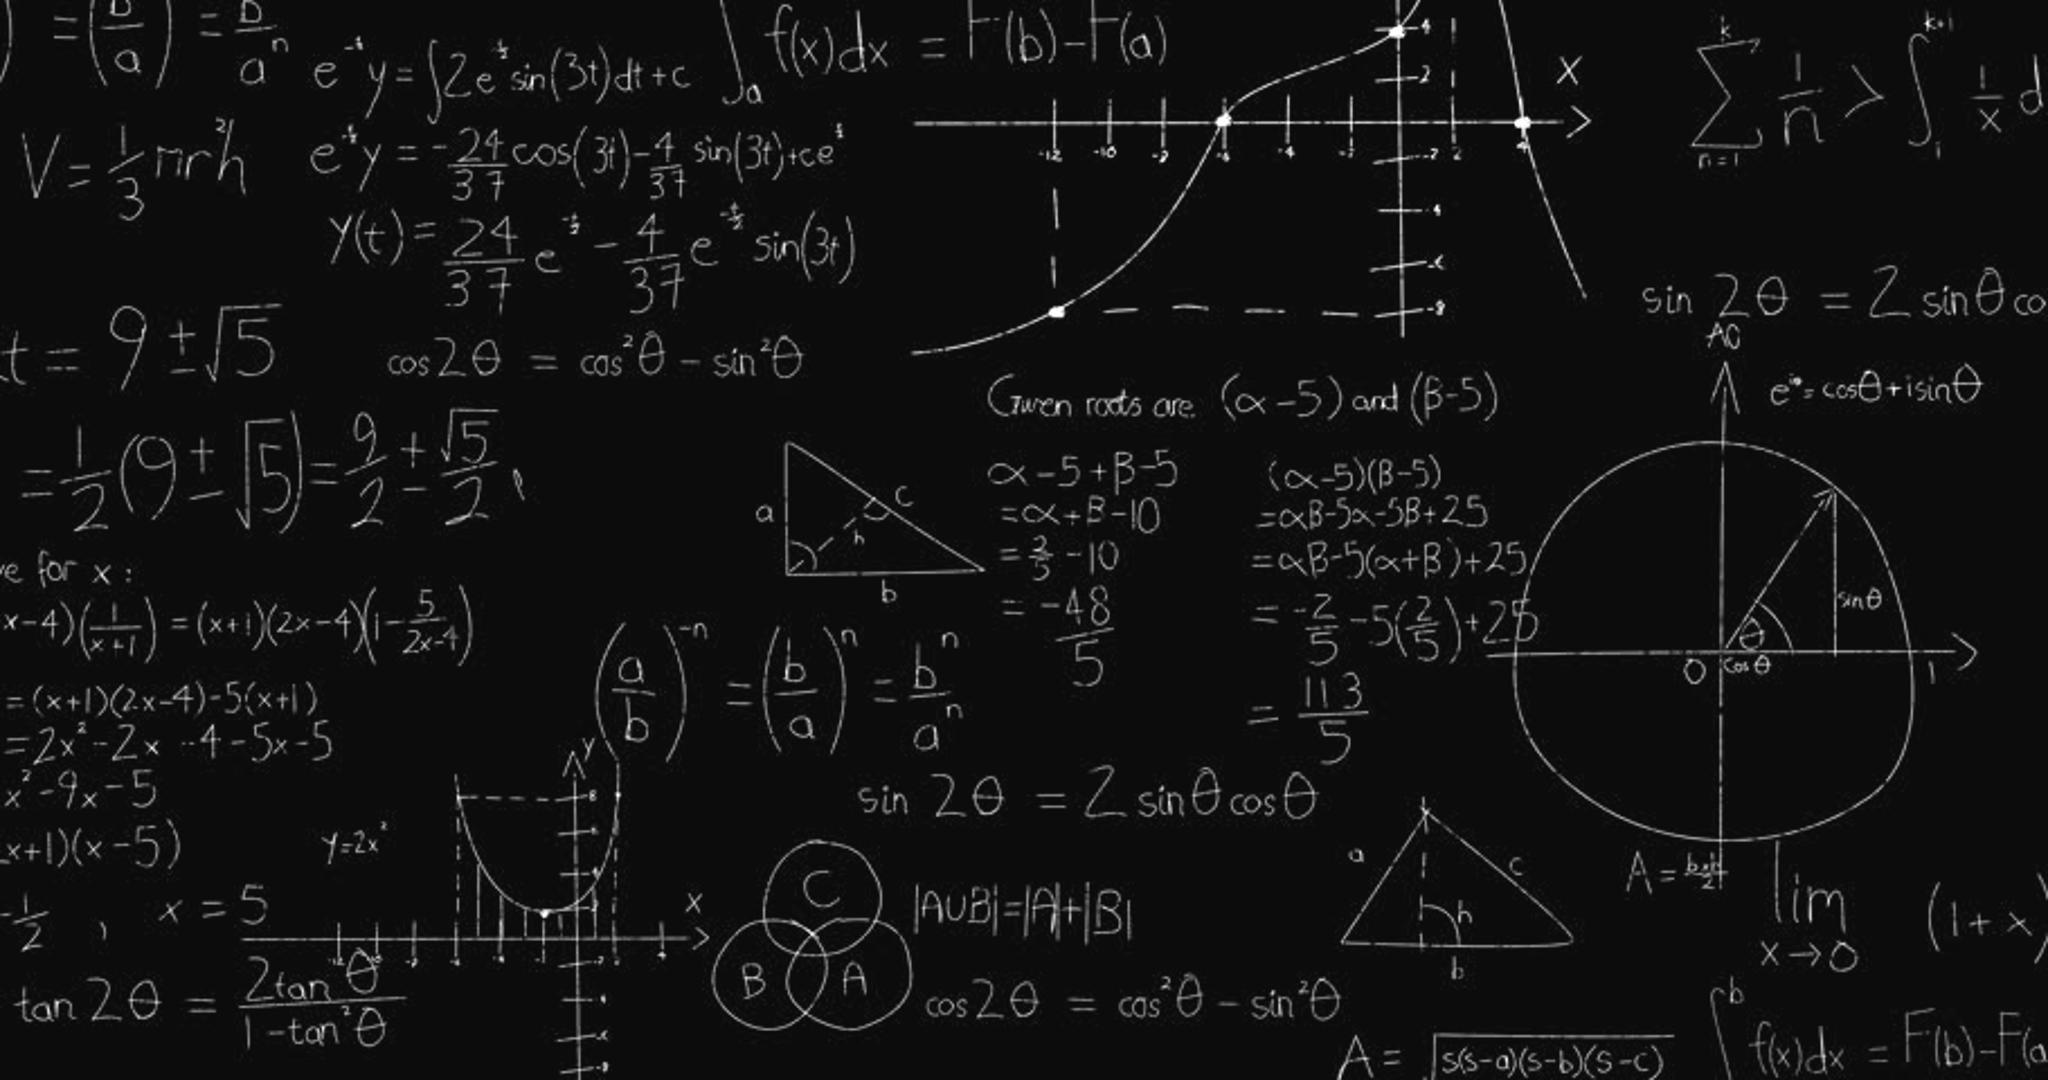 Математические формулы написаны на черной доске мелом